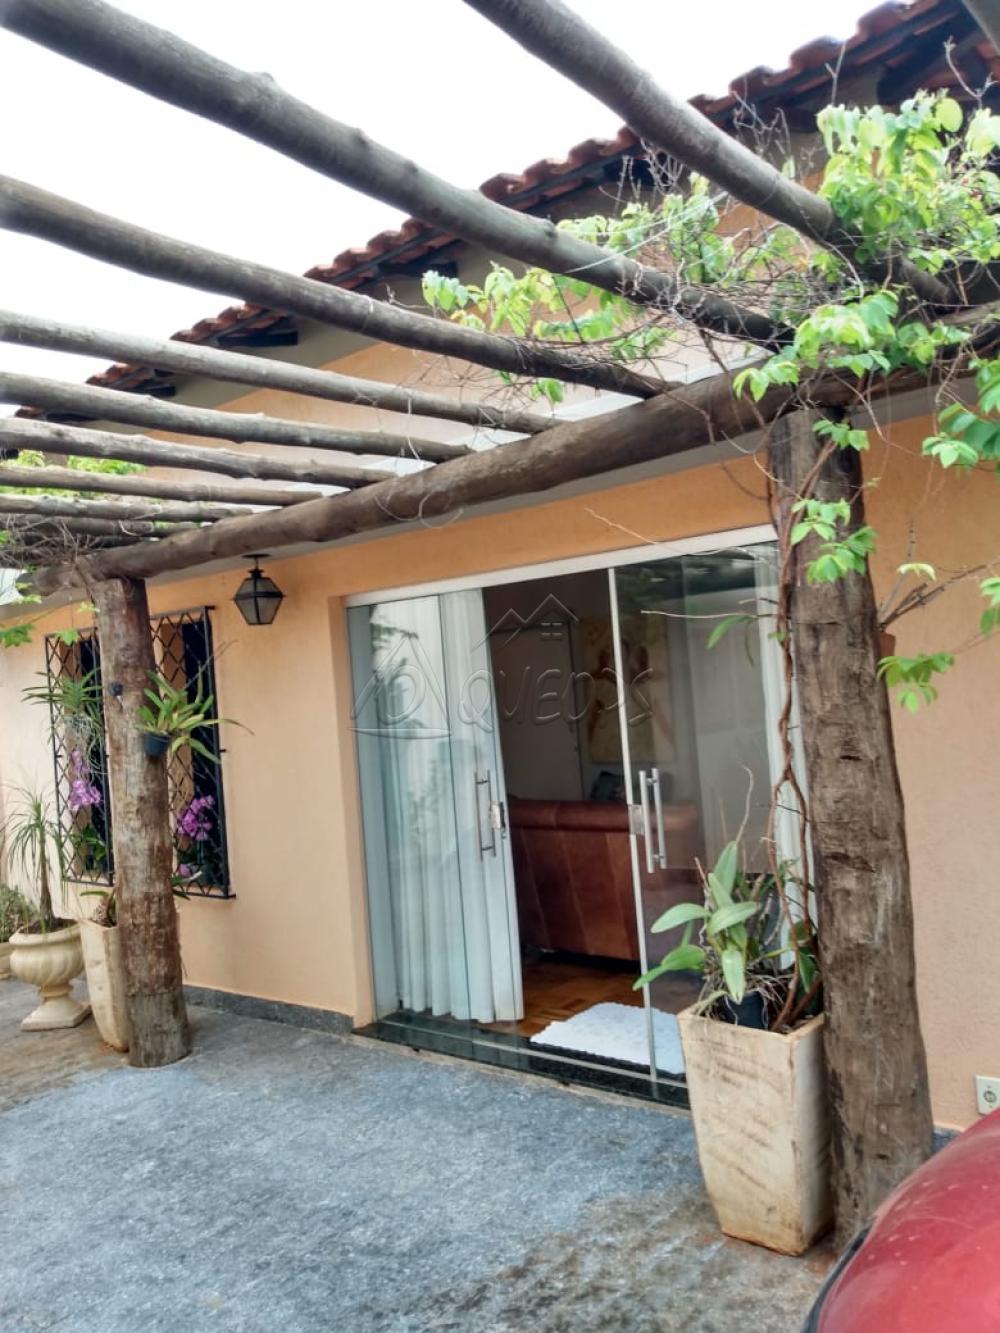 Comprar Casa / Padrão em Barretos apenas R$ 500.000,00 - Foto 4